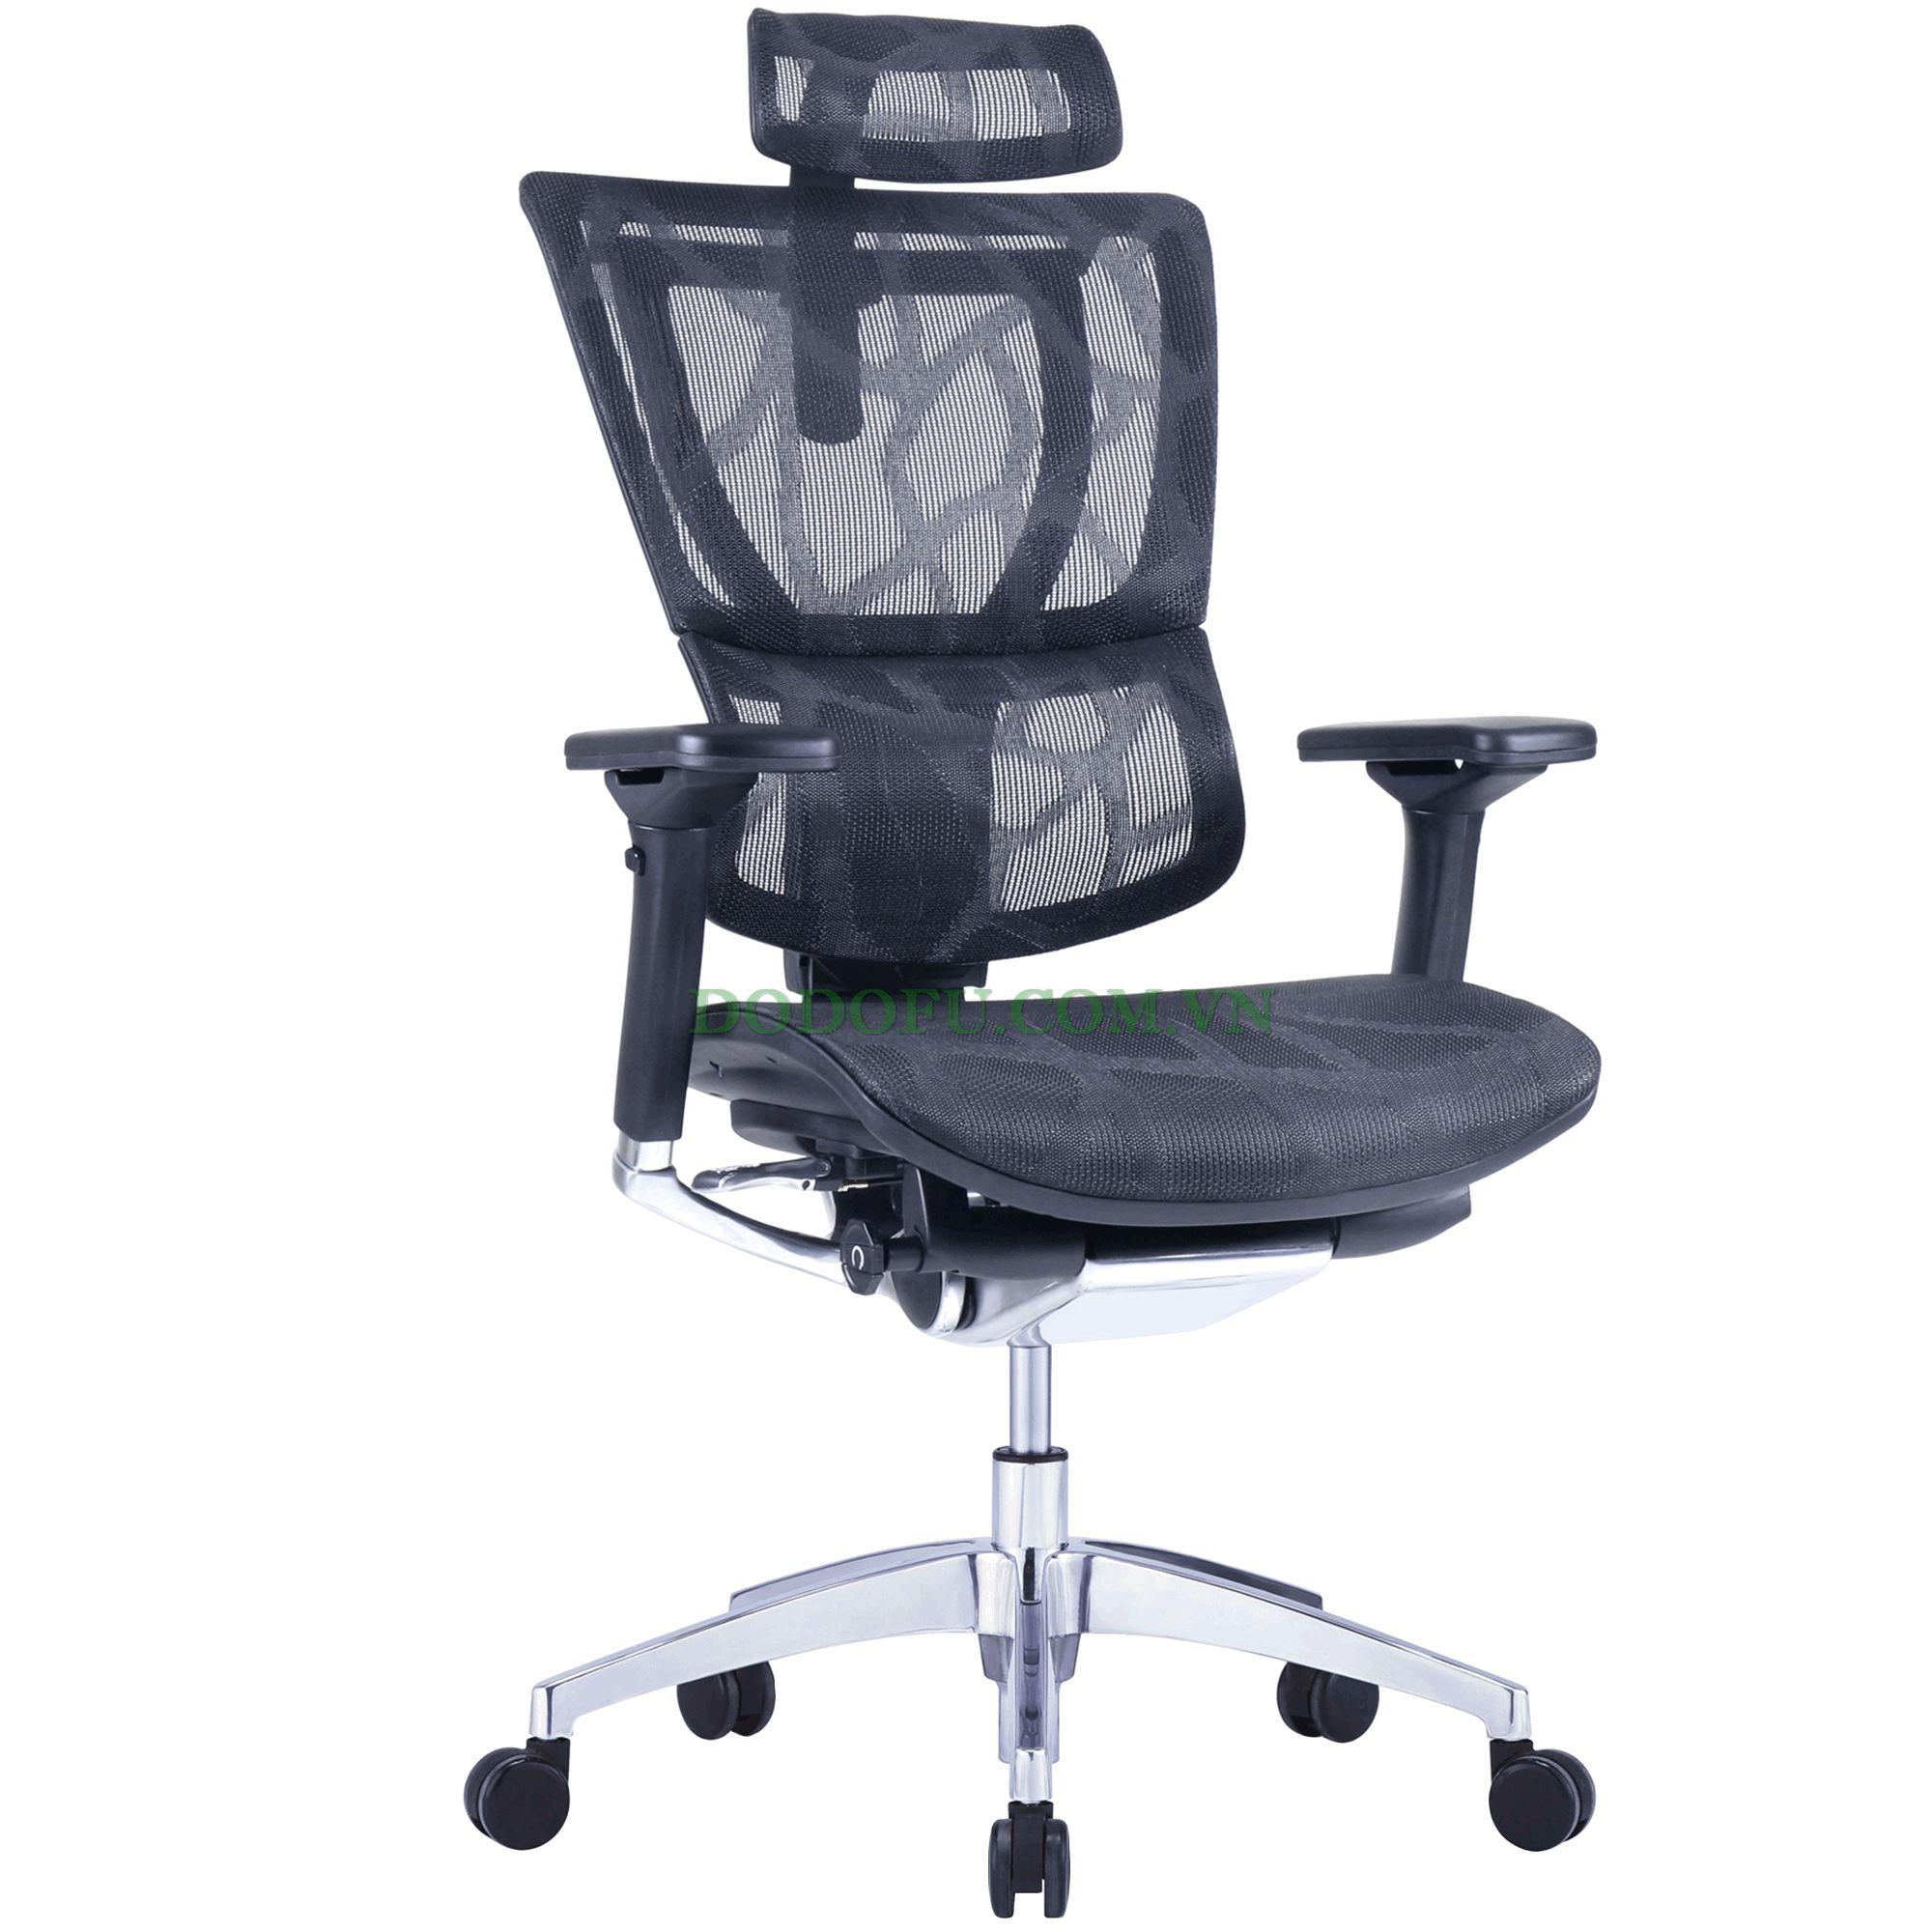 ghế xoay văn phòng đa chức năng